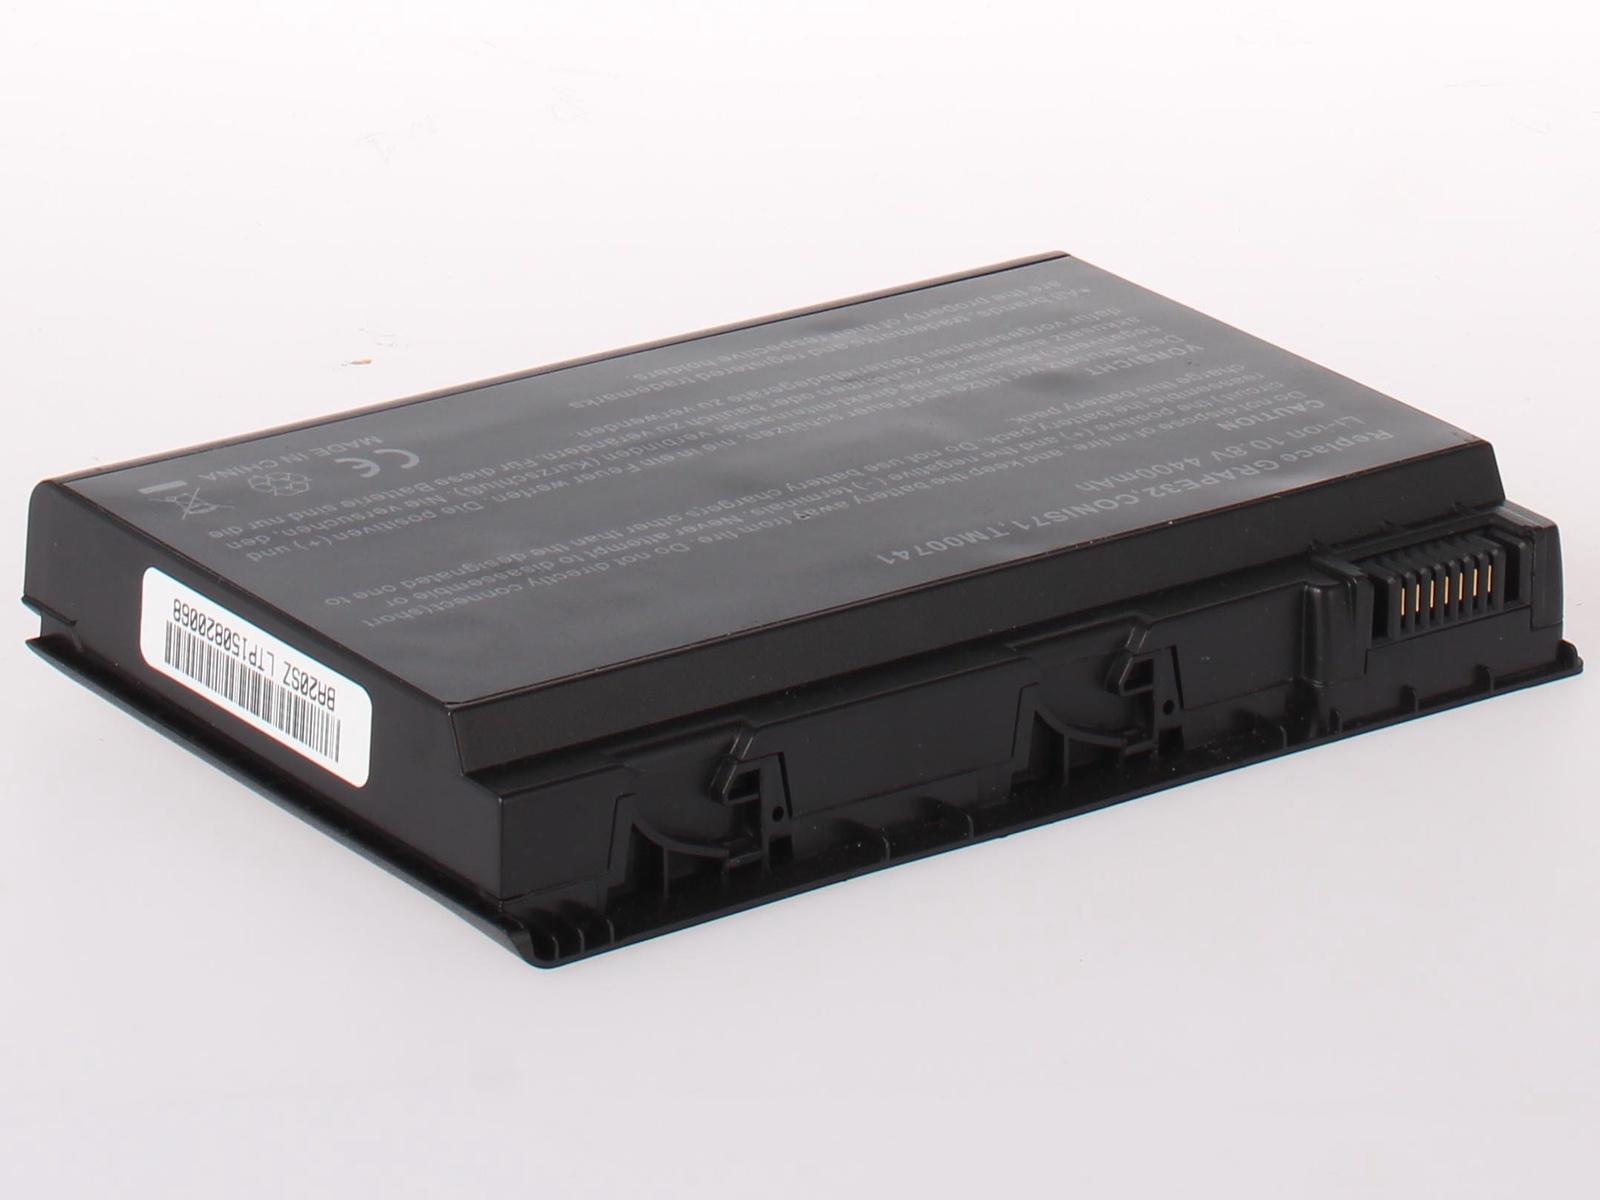 Аккумулятор для ноутбука AnyBatt для Acer Extensa 5620G-6A2G25Mi, Extensa 7120, Extensa 7420, Extensa 7520G, TravelMate 5320-051G12Mi, TravelMate 6465, Travelmate 7720G-832G32Mn, Extensa 5520G, Extensa 5620-2A2G25Mi цены